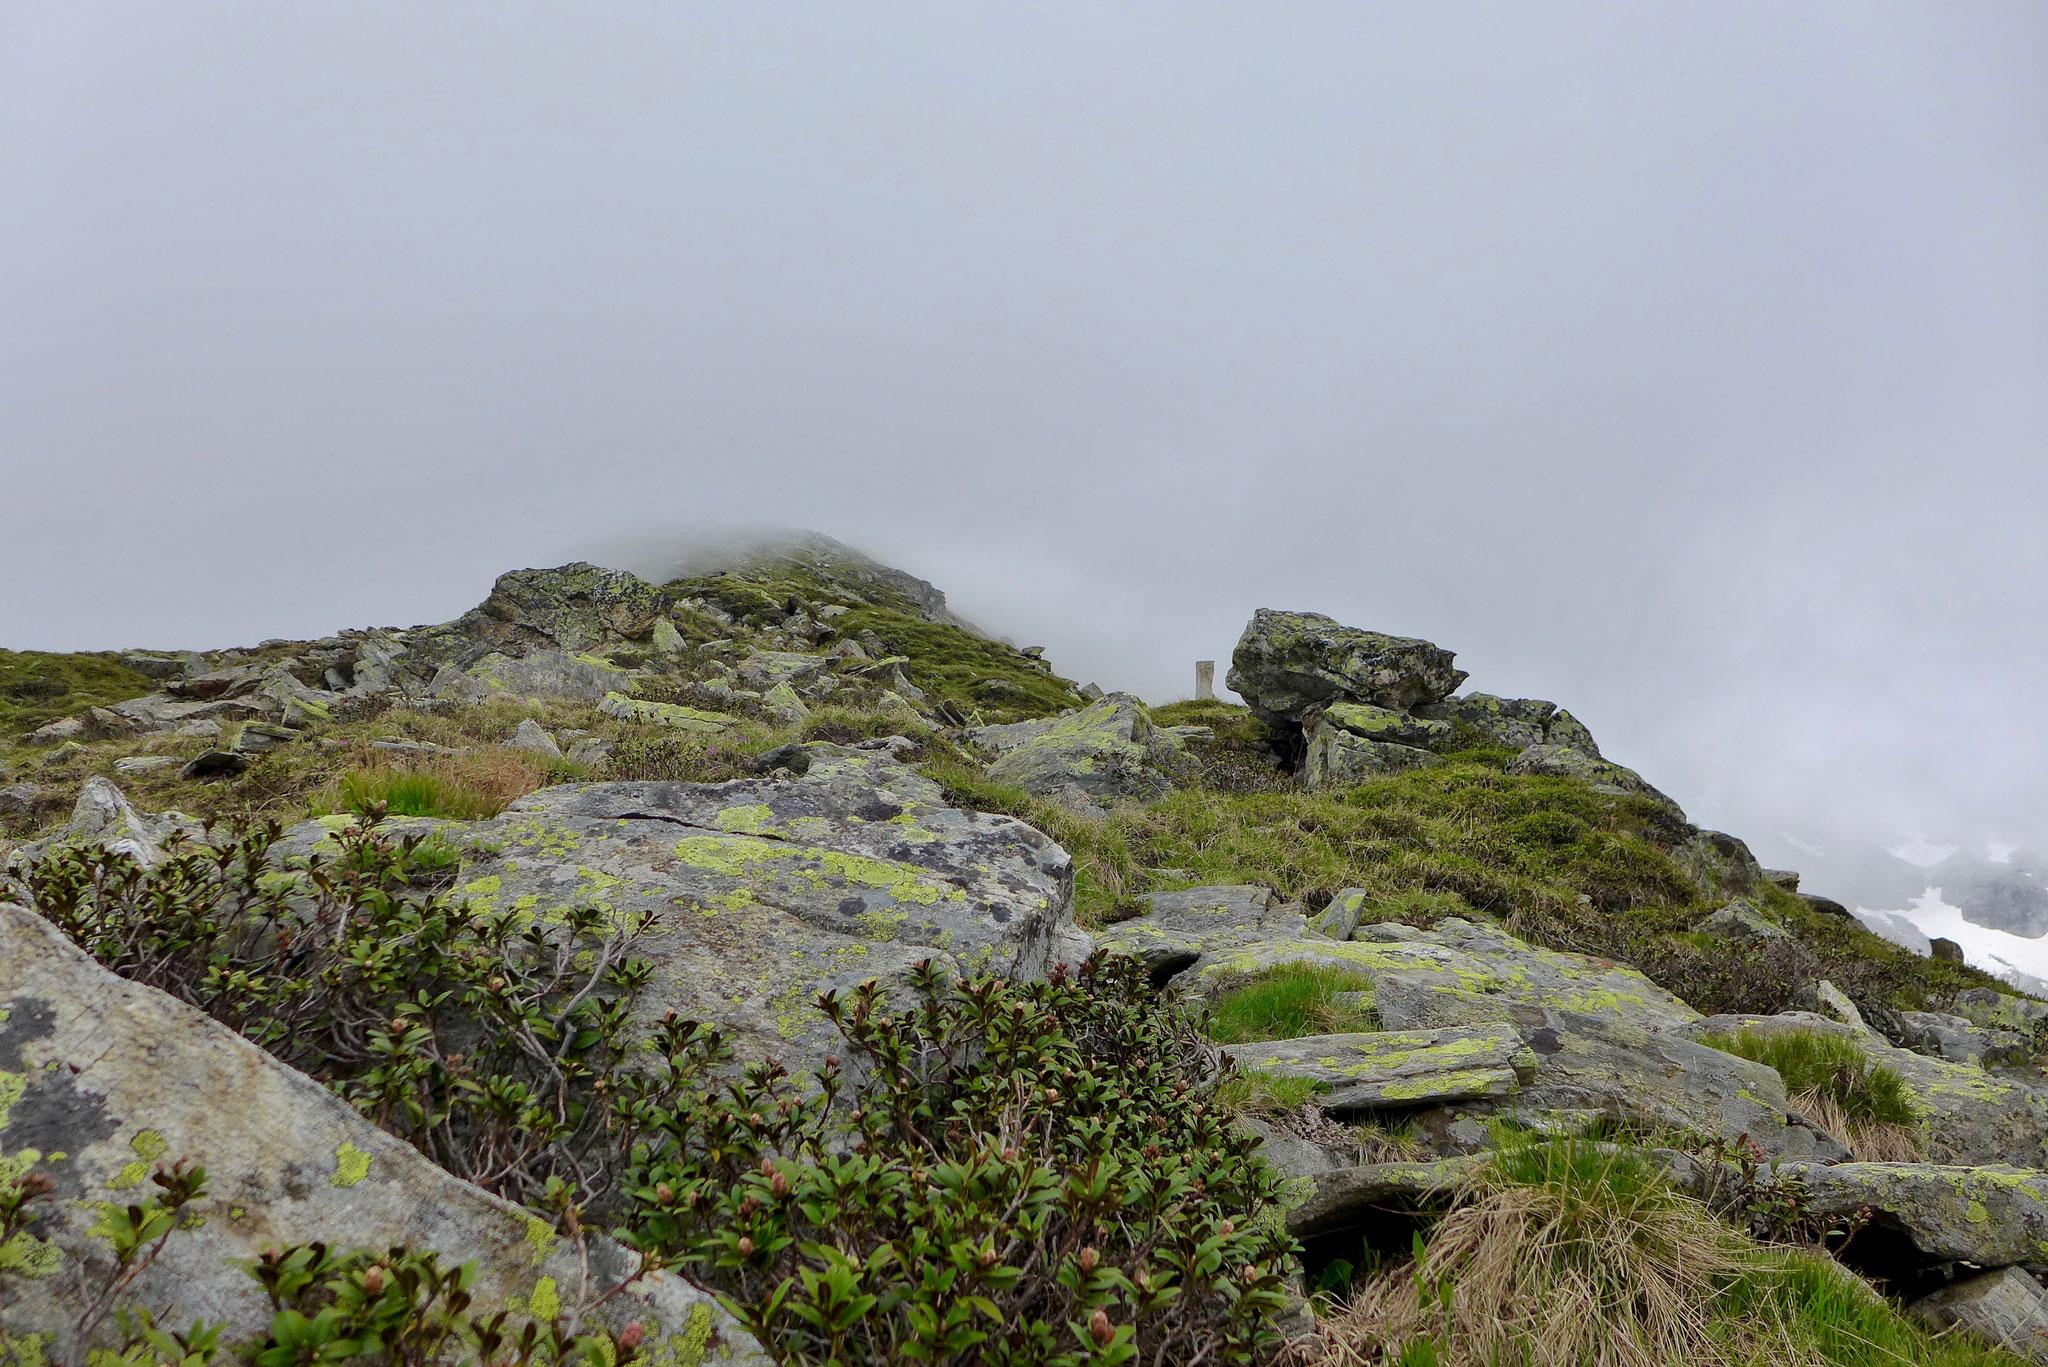 Kurz vor dem Gipfel stoppten wir um nicht den steilen Grad im Nebel bzw. den Wolken meistern zu müssen.